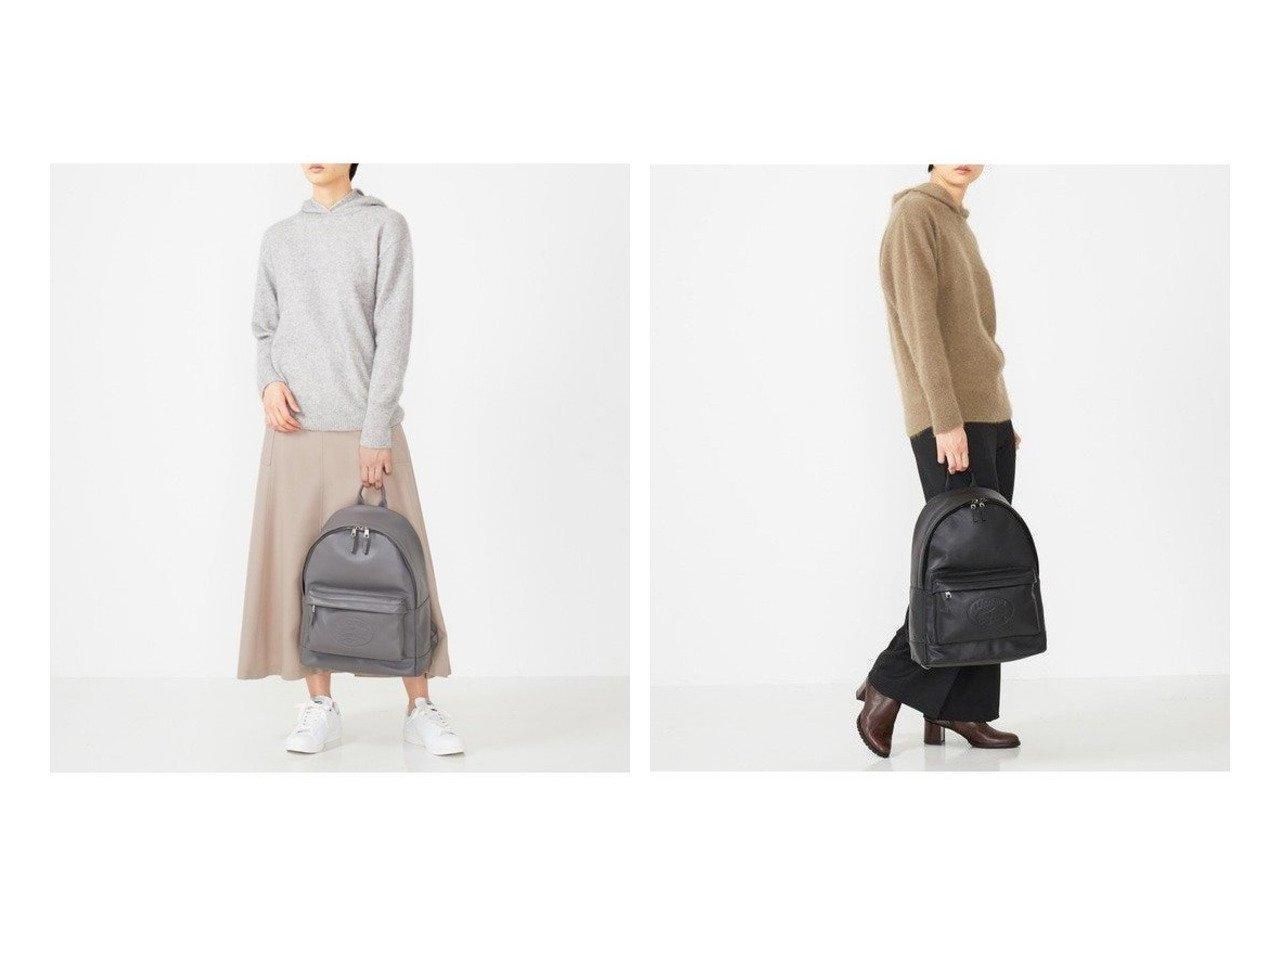 【LACOSTE/ラコステ】のL.12.12 CUIR CASUAL イタリアンレザーデイパック おすすめ!人気、トレンド・レディースファッションの通販 おすすめで人気の流行・トレンド、ファッションの通販商品 メンズファッション・キッズファッション・インテリア・家具・レディースファッション・服の通販 founy(ファニー) https://founy.com/ ファッション Fashion レディースファッション WOMEN 送料無料 Free Shipping エレガント デイパック ビッグ ベーシック ポケット |ID:crp329100000013326